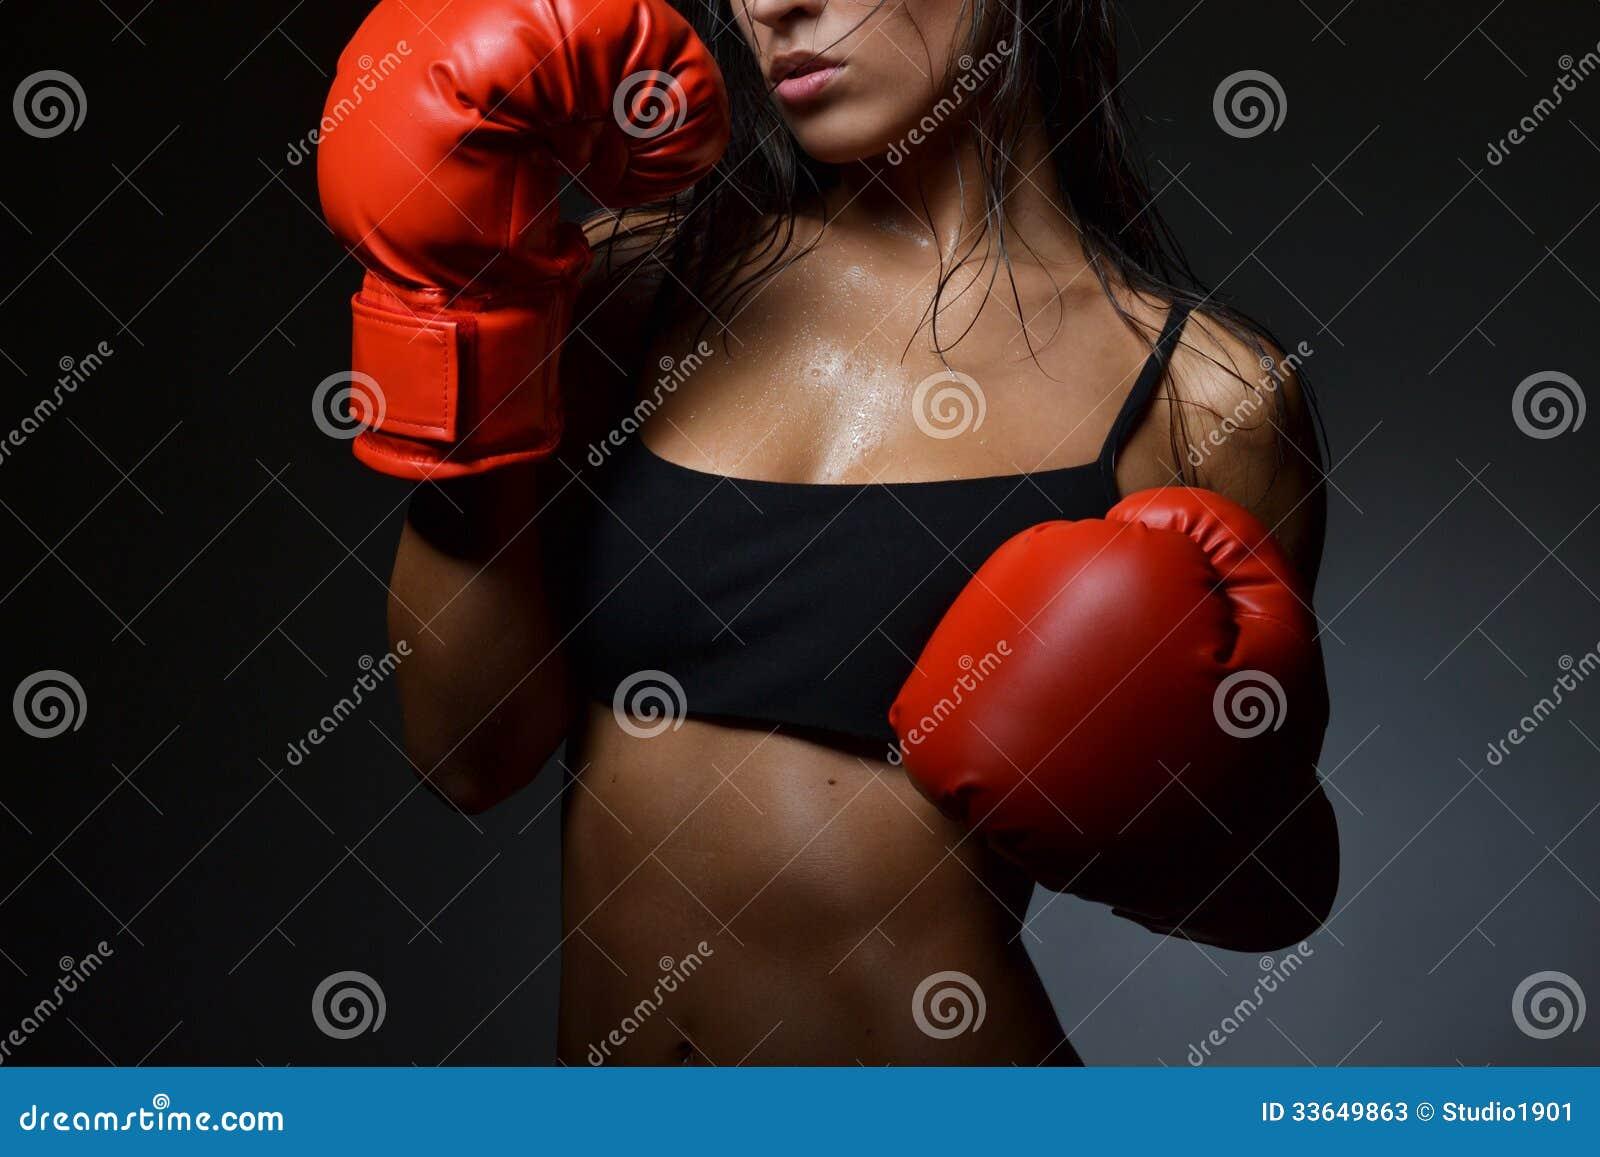 Beautiful Woman Boxing Stock Photos - Image: 33649863